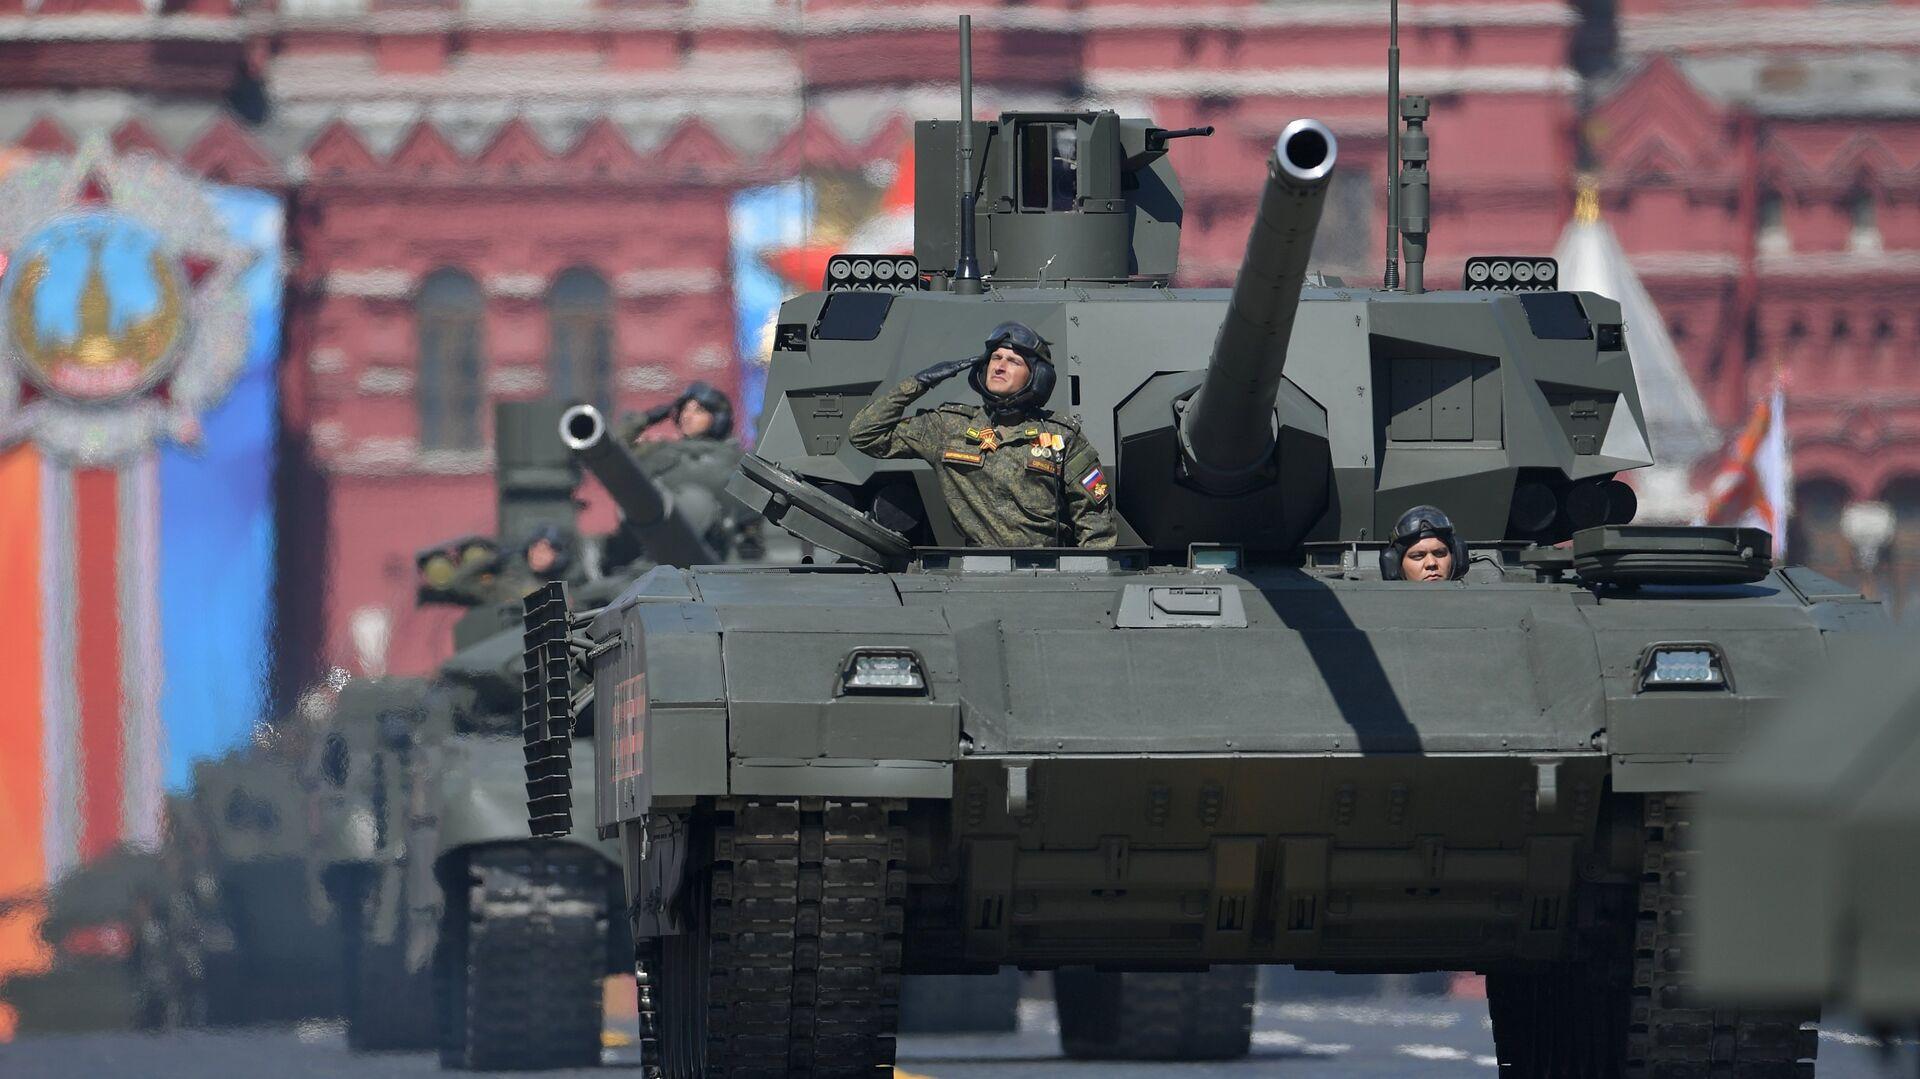 Танк Т-14 Армата на военном параде, посвященном 73-й годовщине Победы в ВОВ - РИА Новости, 1920, 16.01.2021